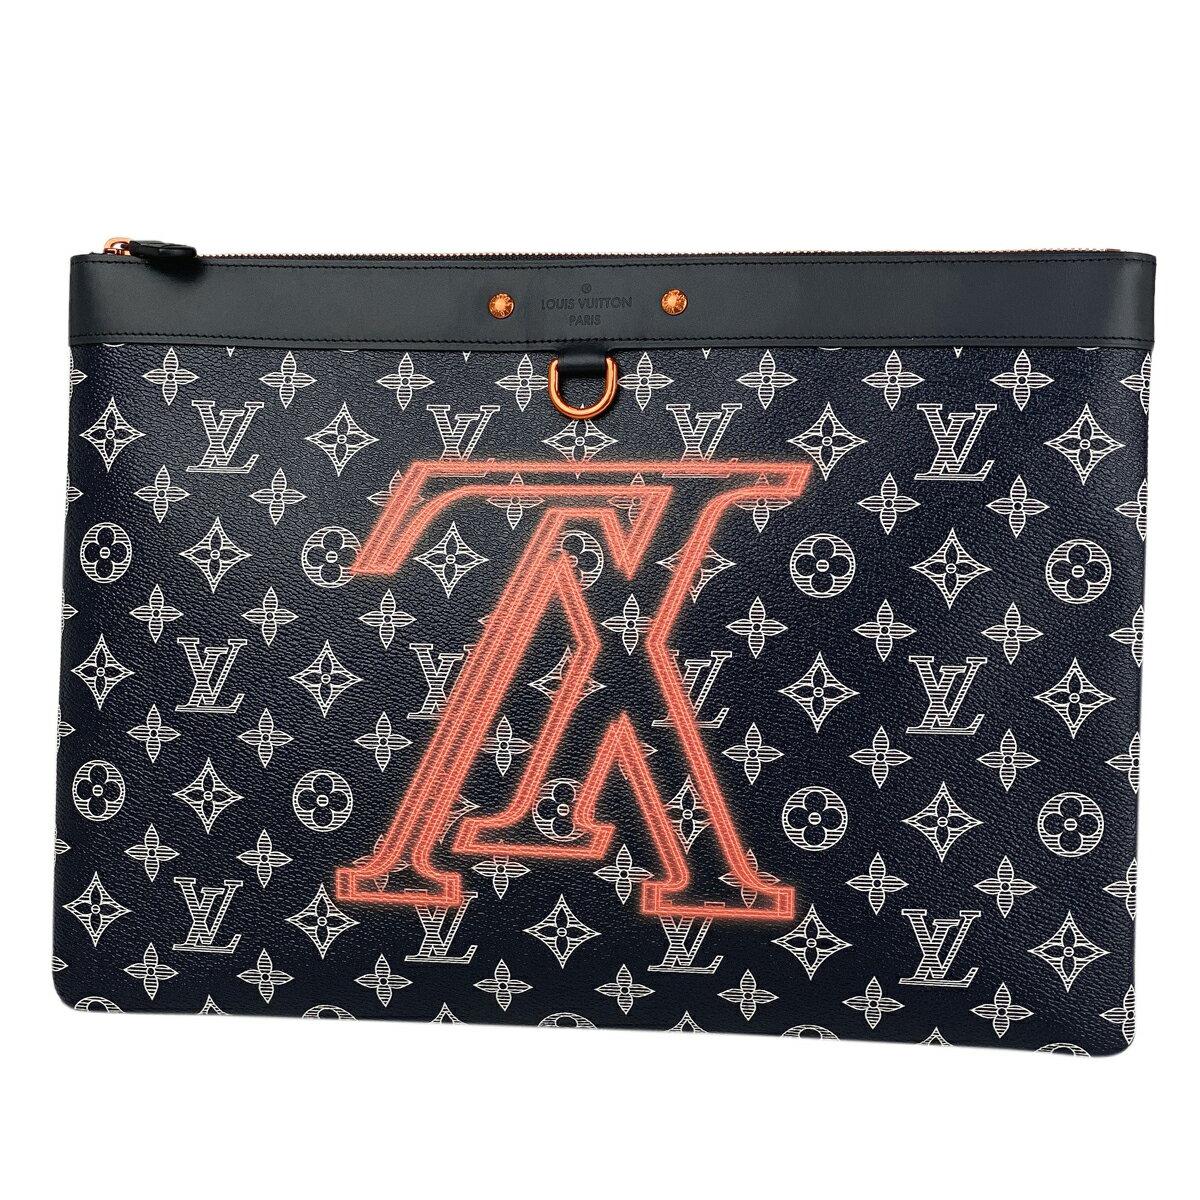 レディースバッグ, クラッチバッグ・セカンドバッグ  Louis Vuitton M62905